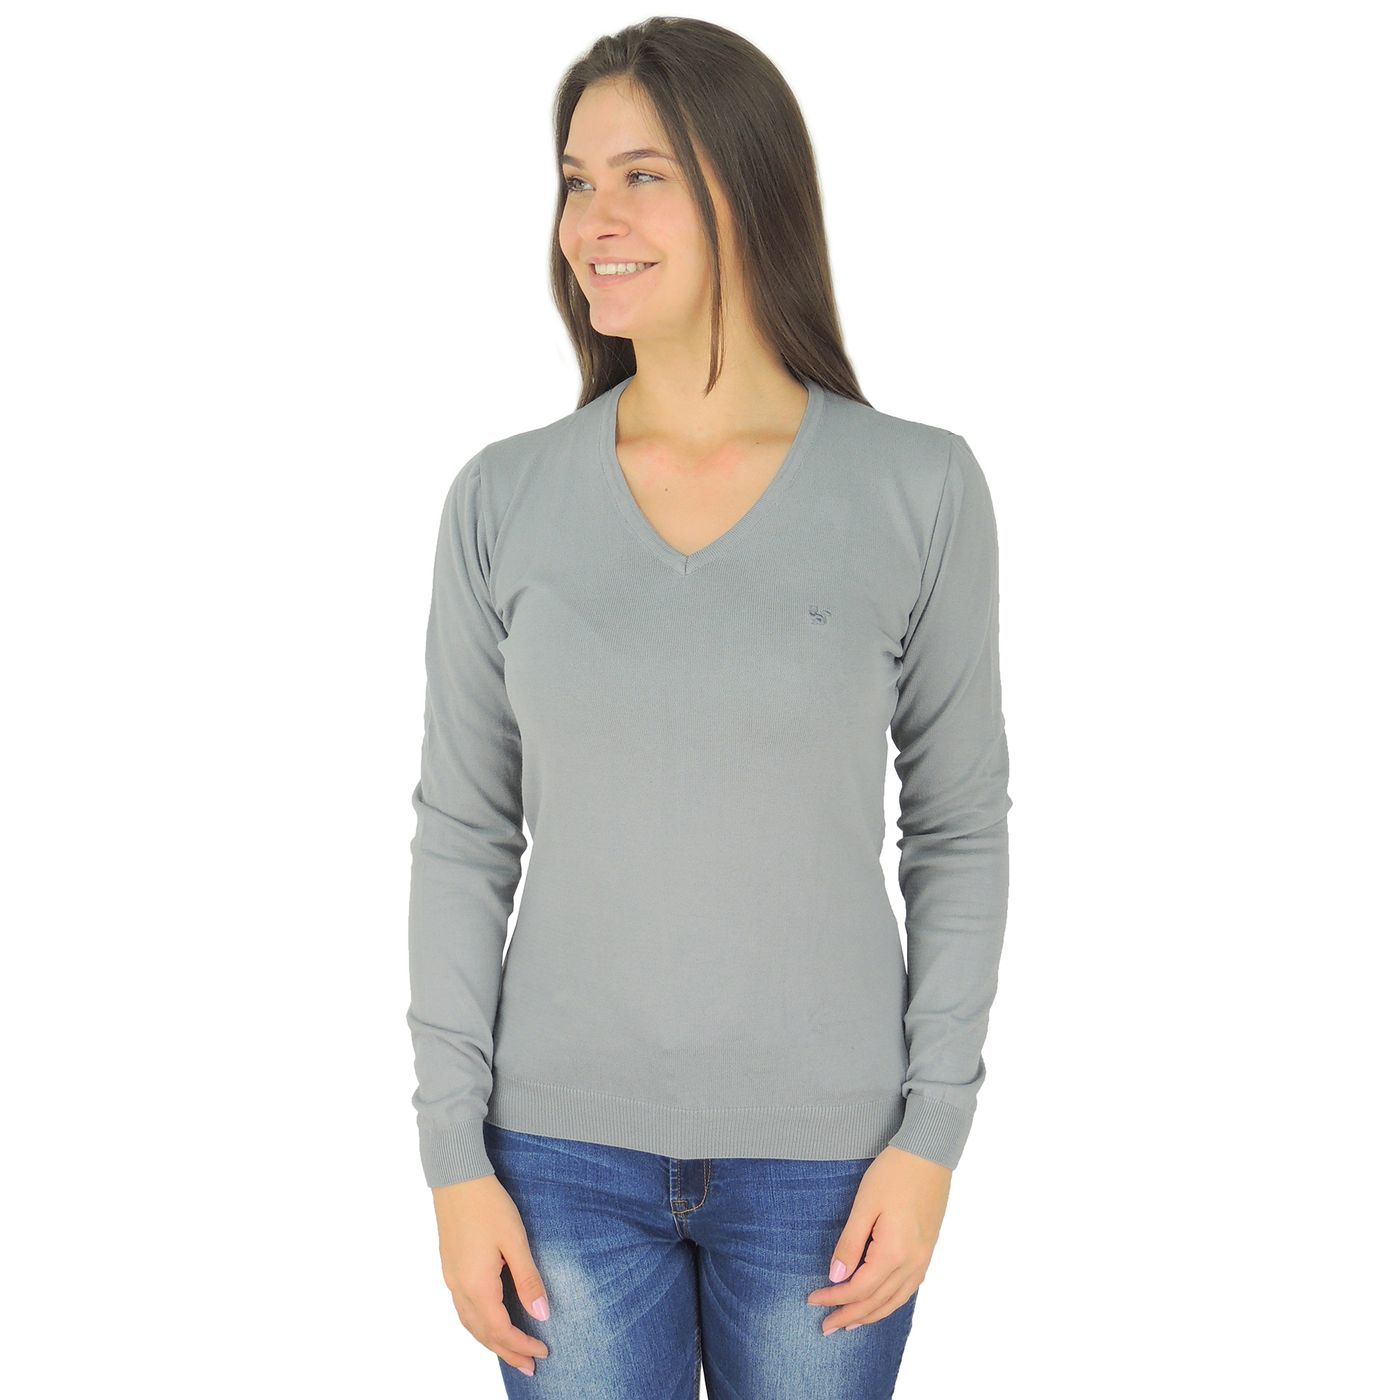 76428490cb246 Suéter Feminino para o frio em algodão cinza claro - fieroshop